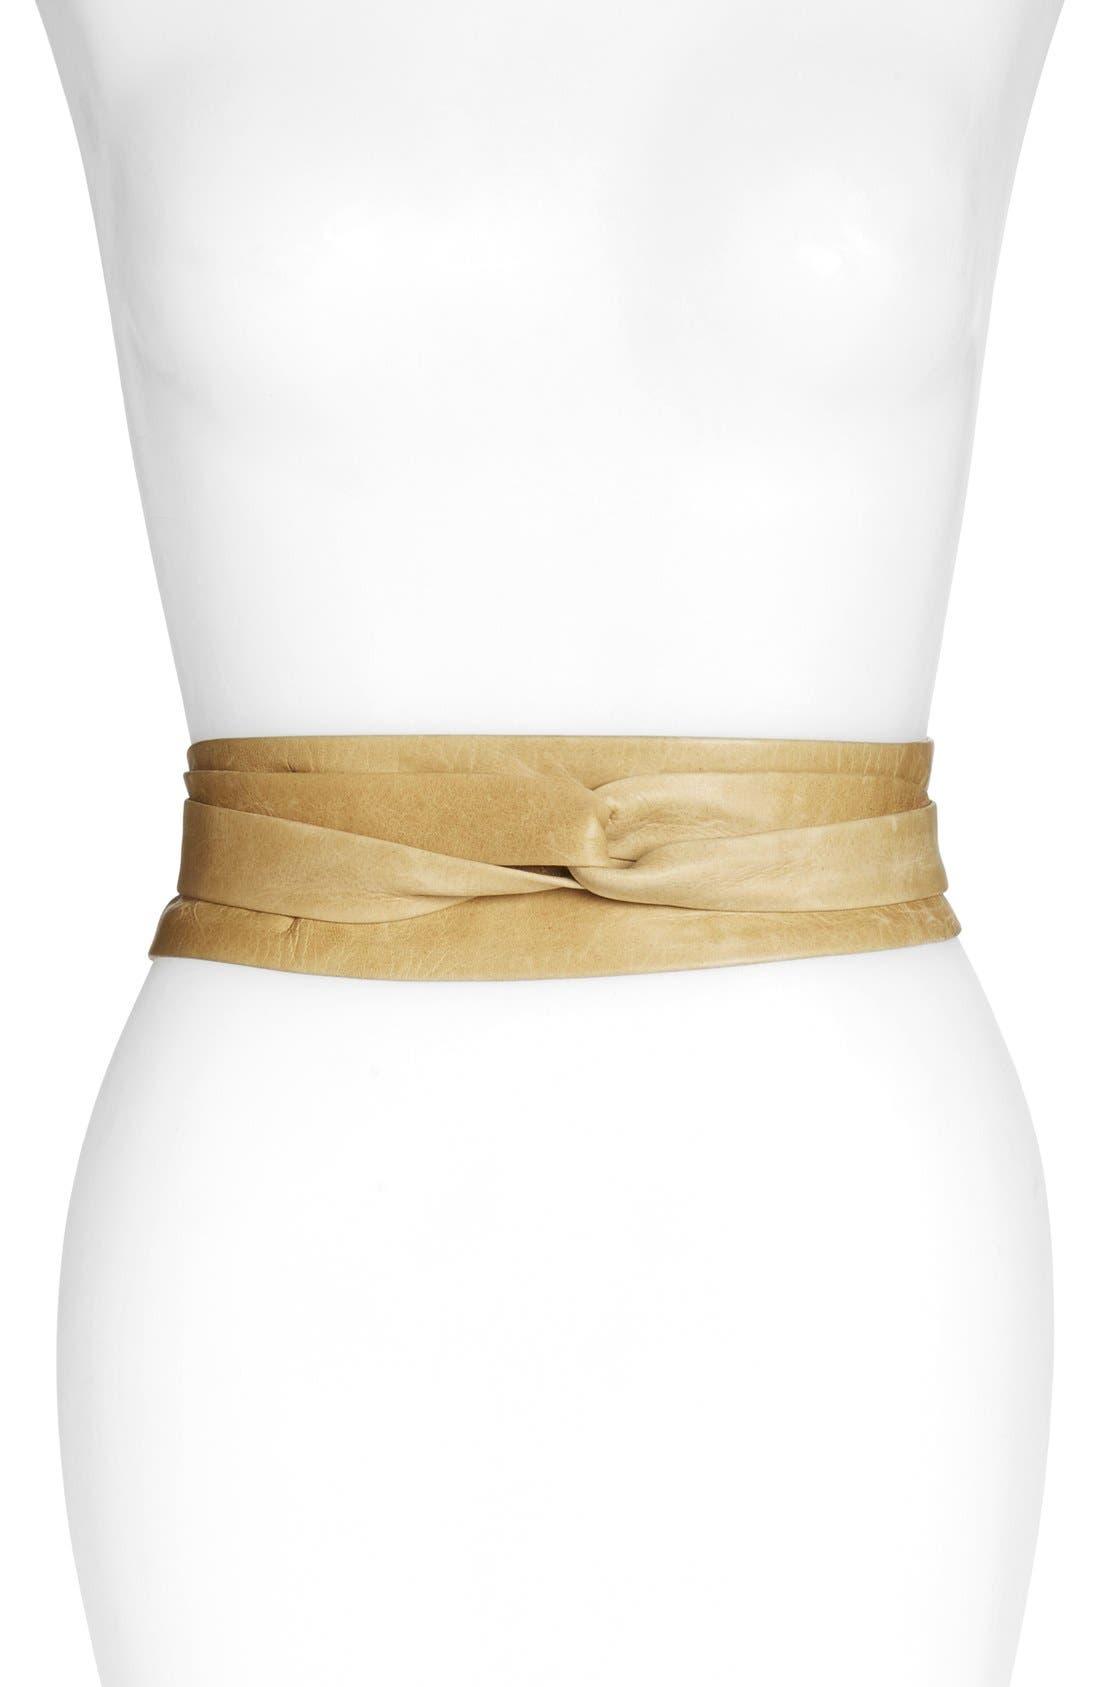 ADA 'Obi' Leather Wrap Belt, Main, color, 200